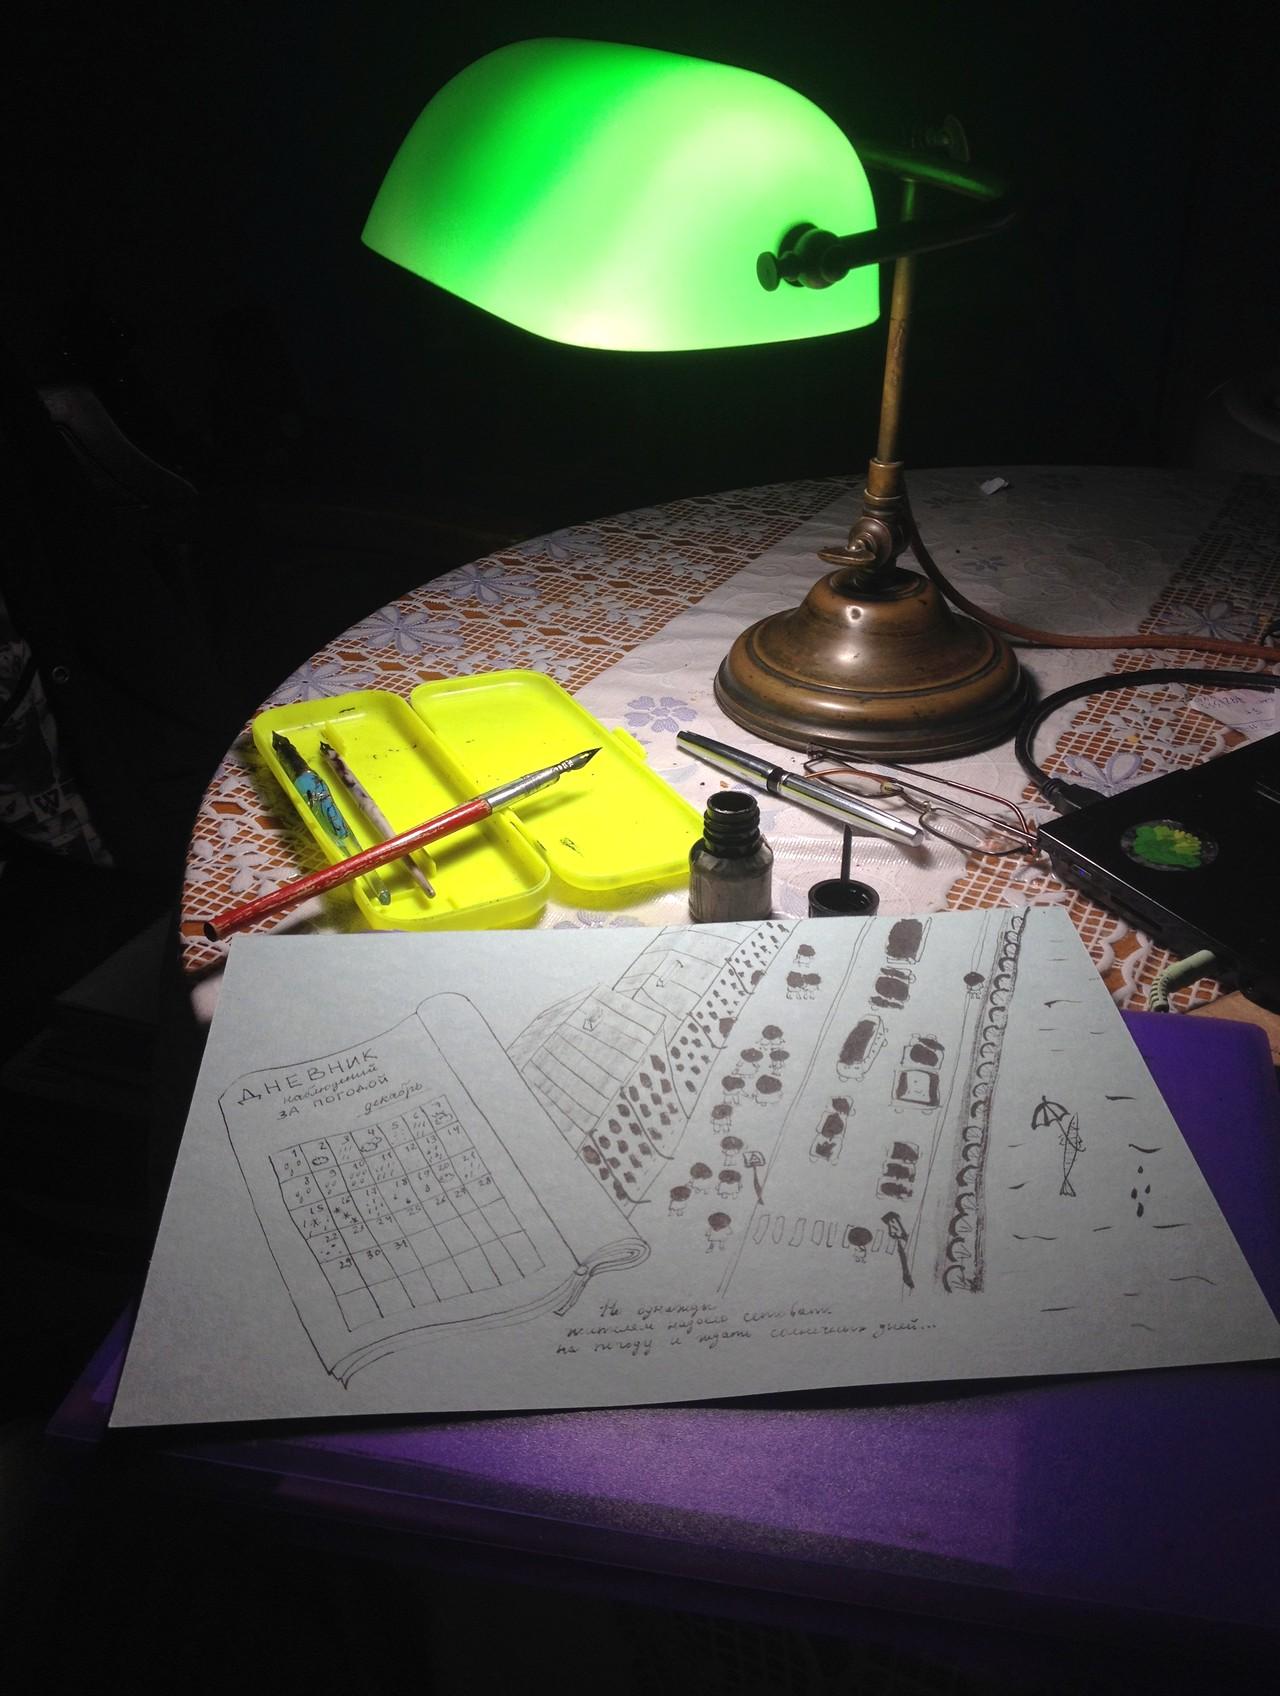 Как рисовать каждый день: простая практика дневник благодарности| Nadin Piter Надин Питер блог Нади Демкиной